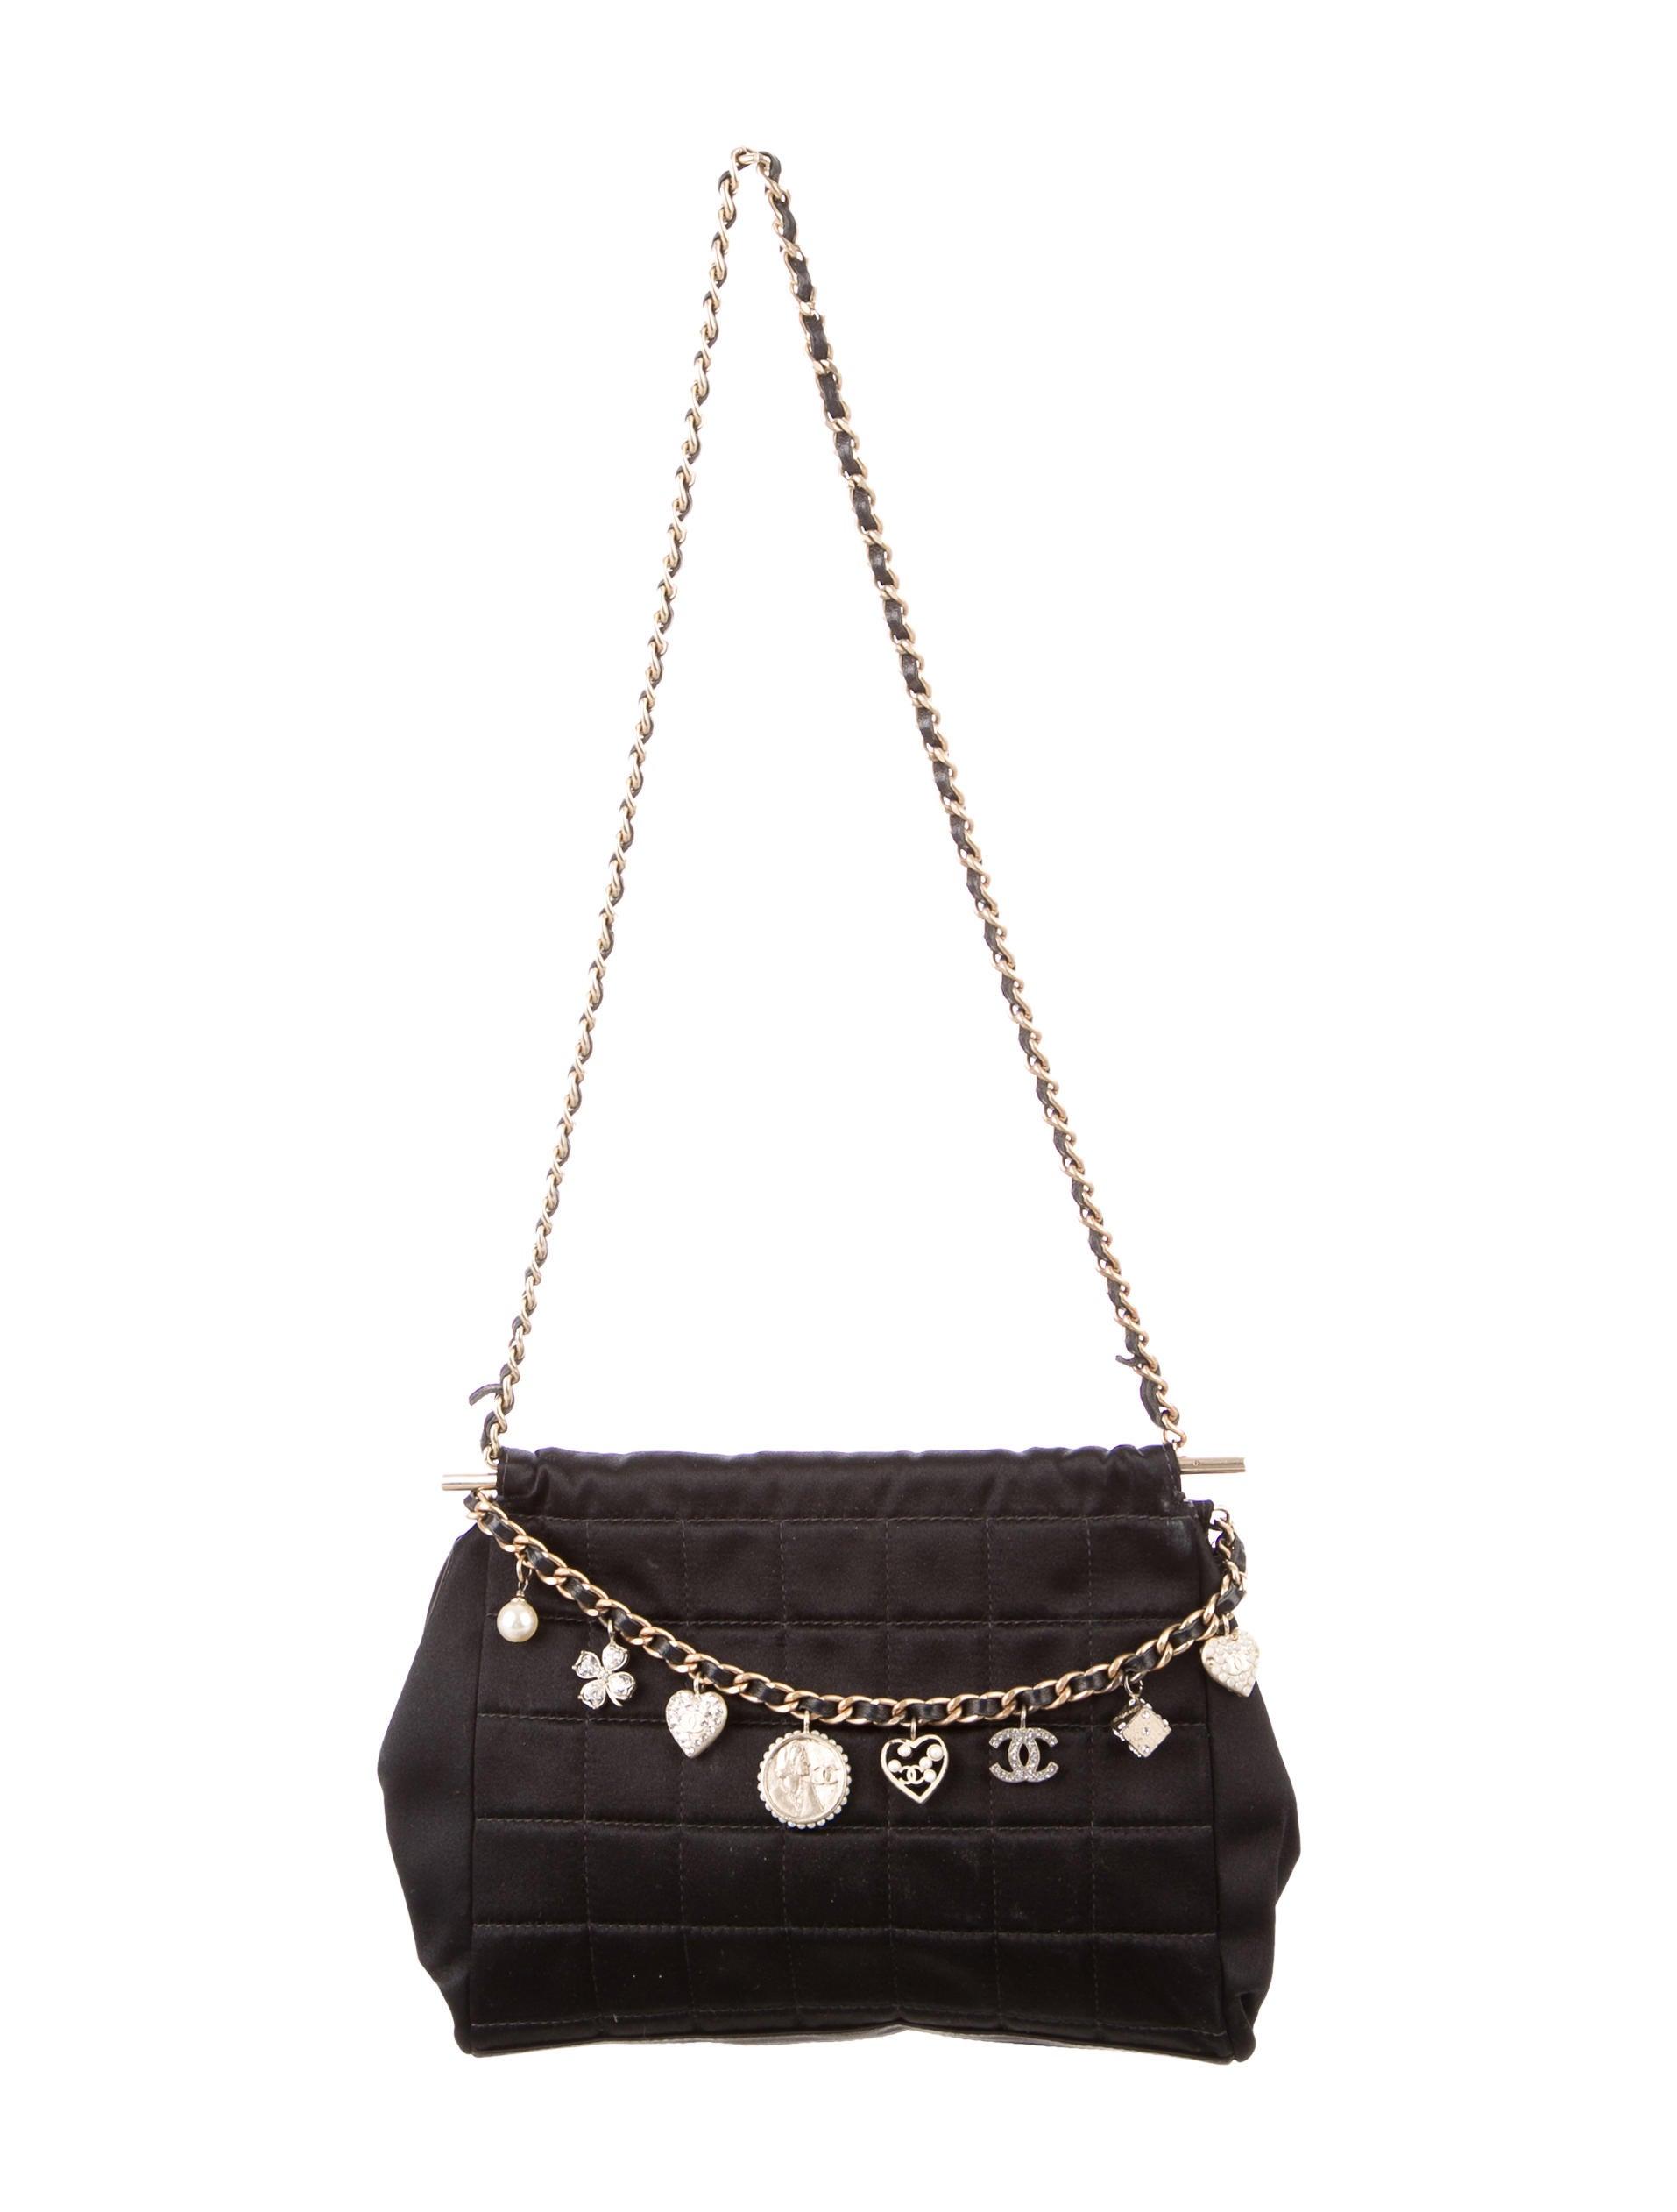 Chanel Lucky Charms Evening Bag Handbags Cha176532